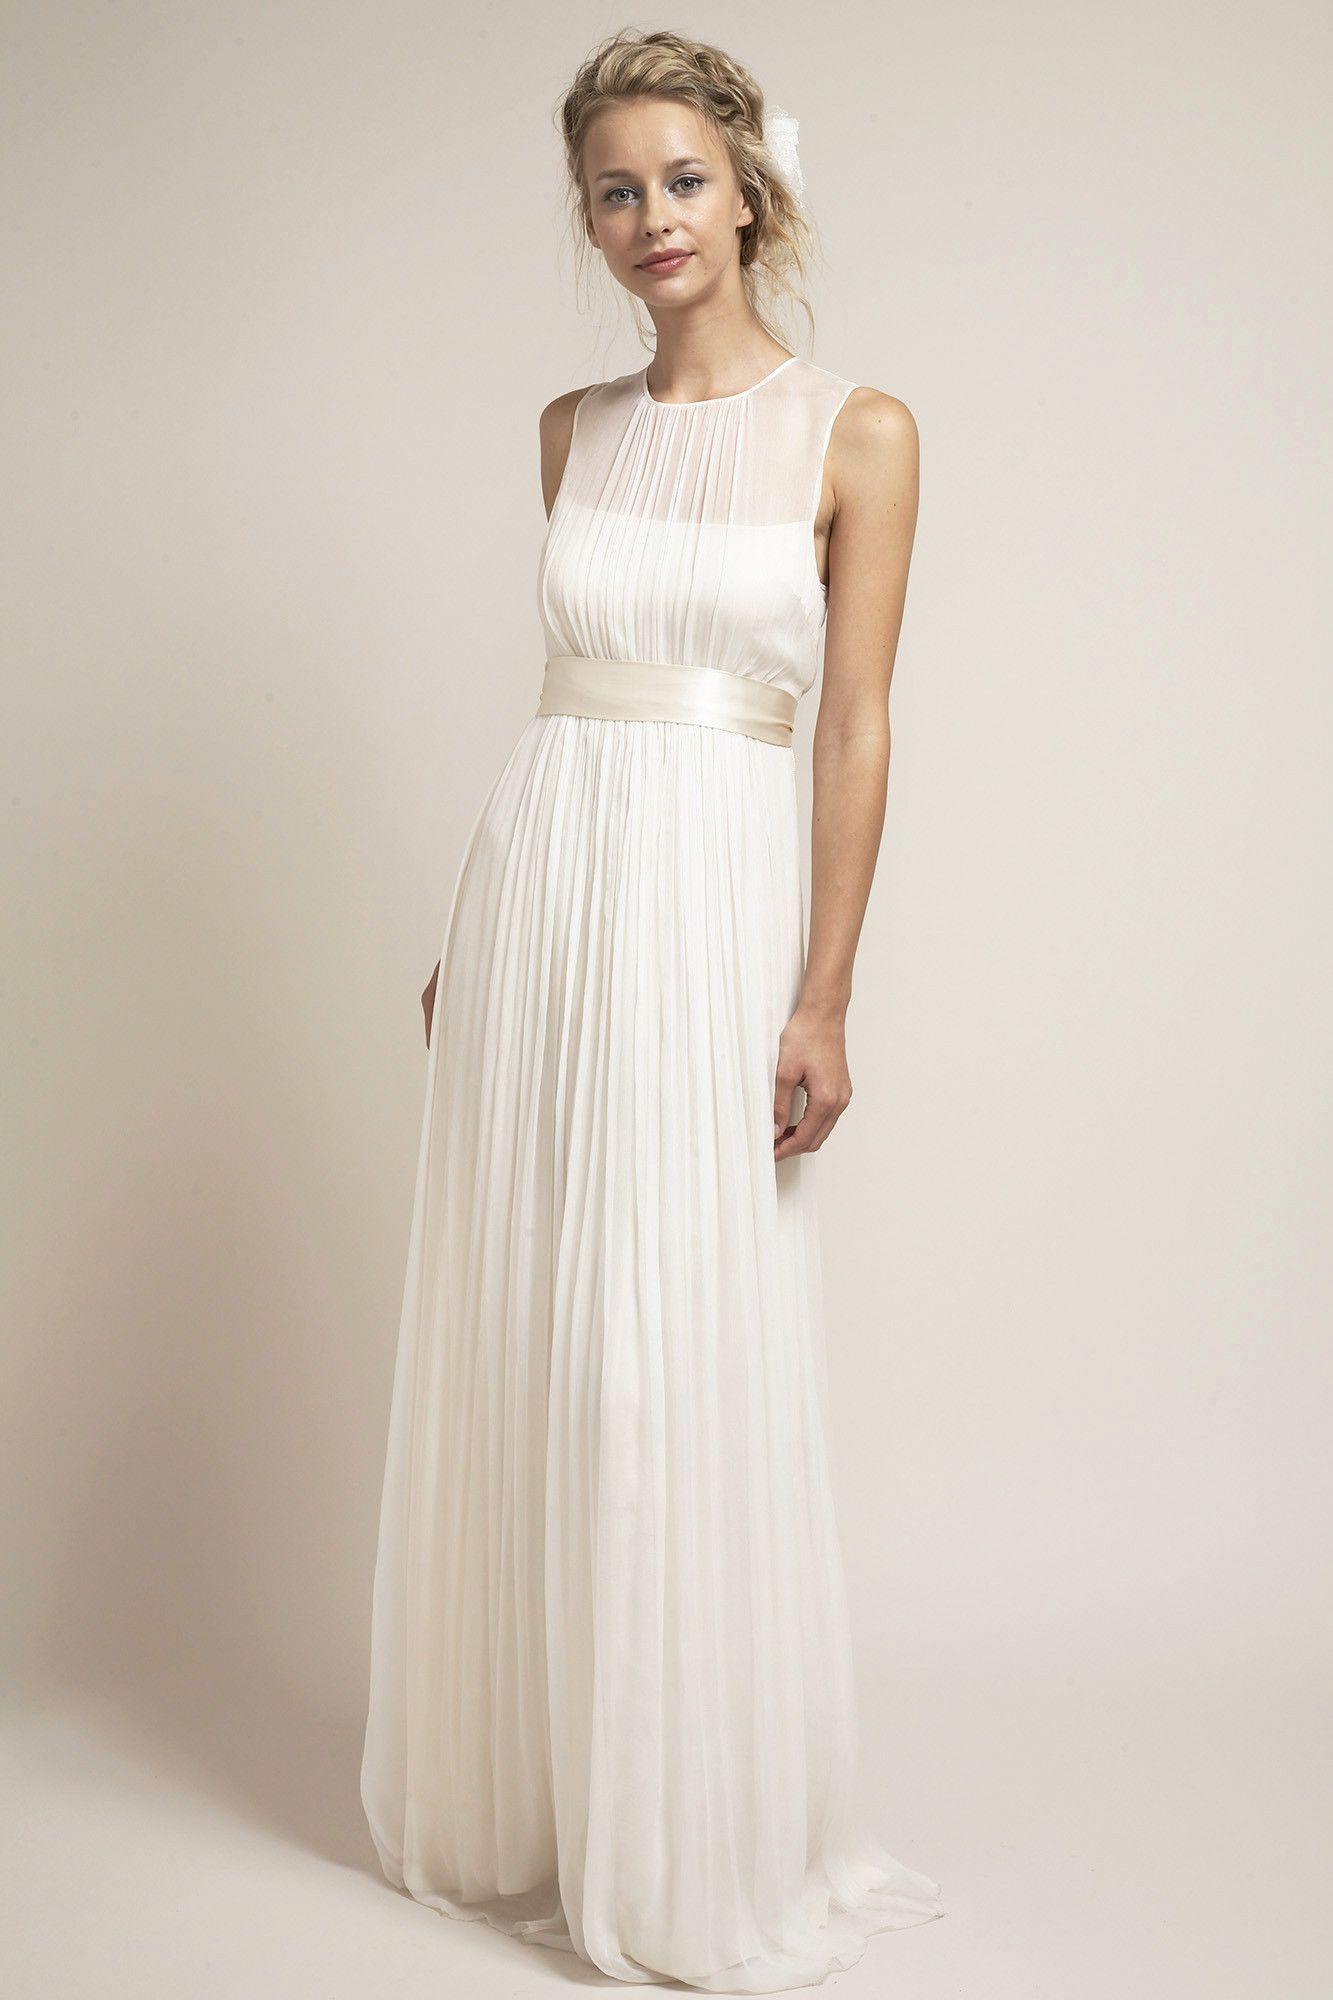 Nett Saja Hochzeitskleider Bilder - Brautkleider Ideen - cashingy.info